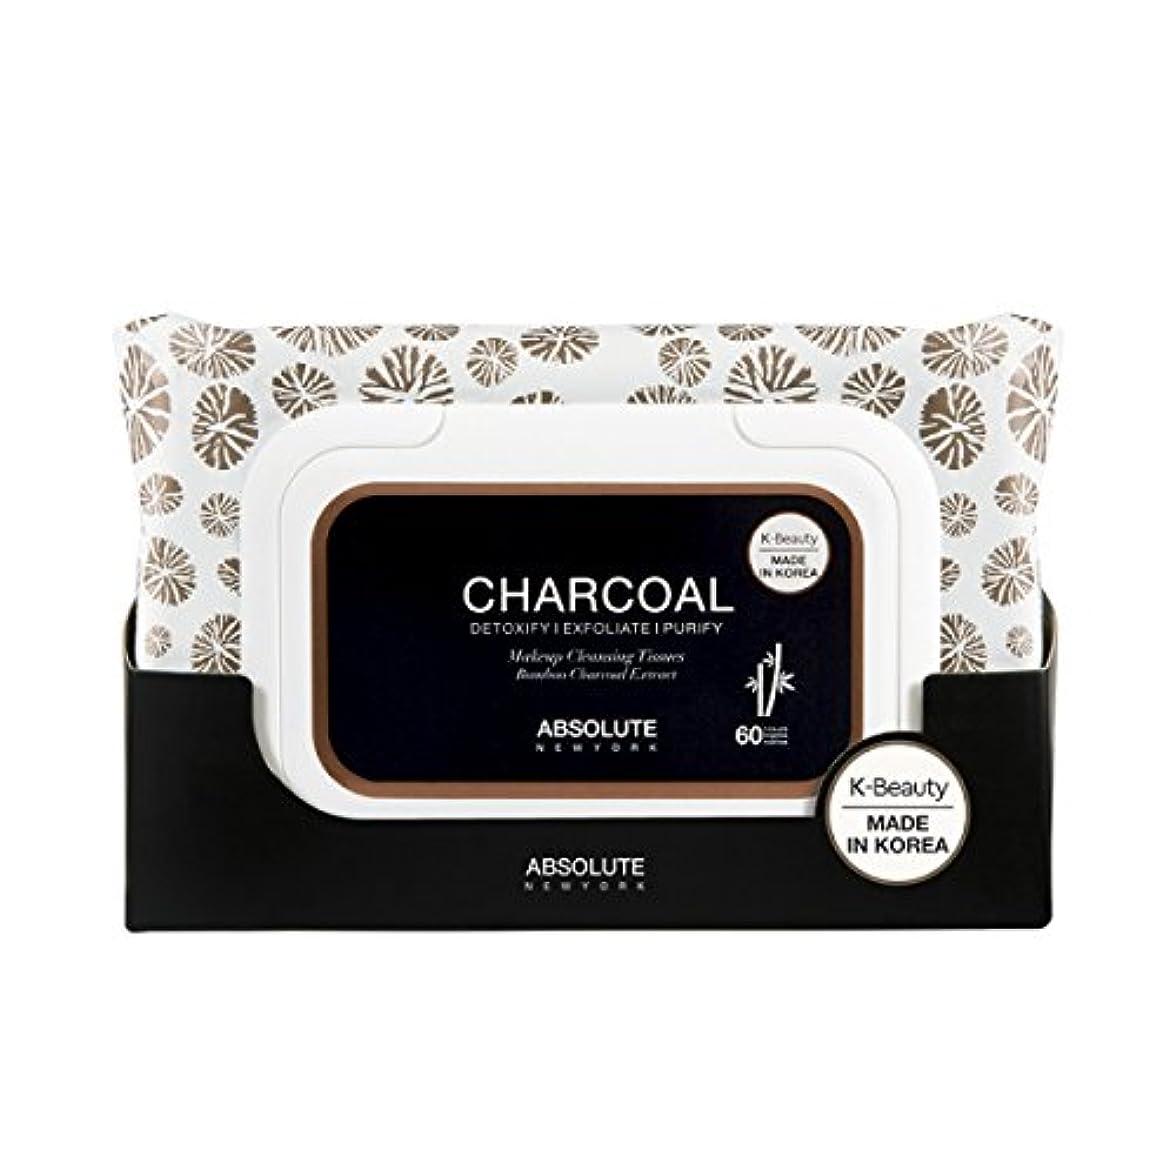 プロポーショナル説明する障害者(3 Pack) ABSOLUTE Charcoal Cleansing Tissue (並行輸入品)